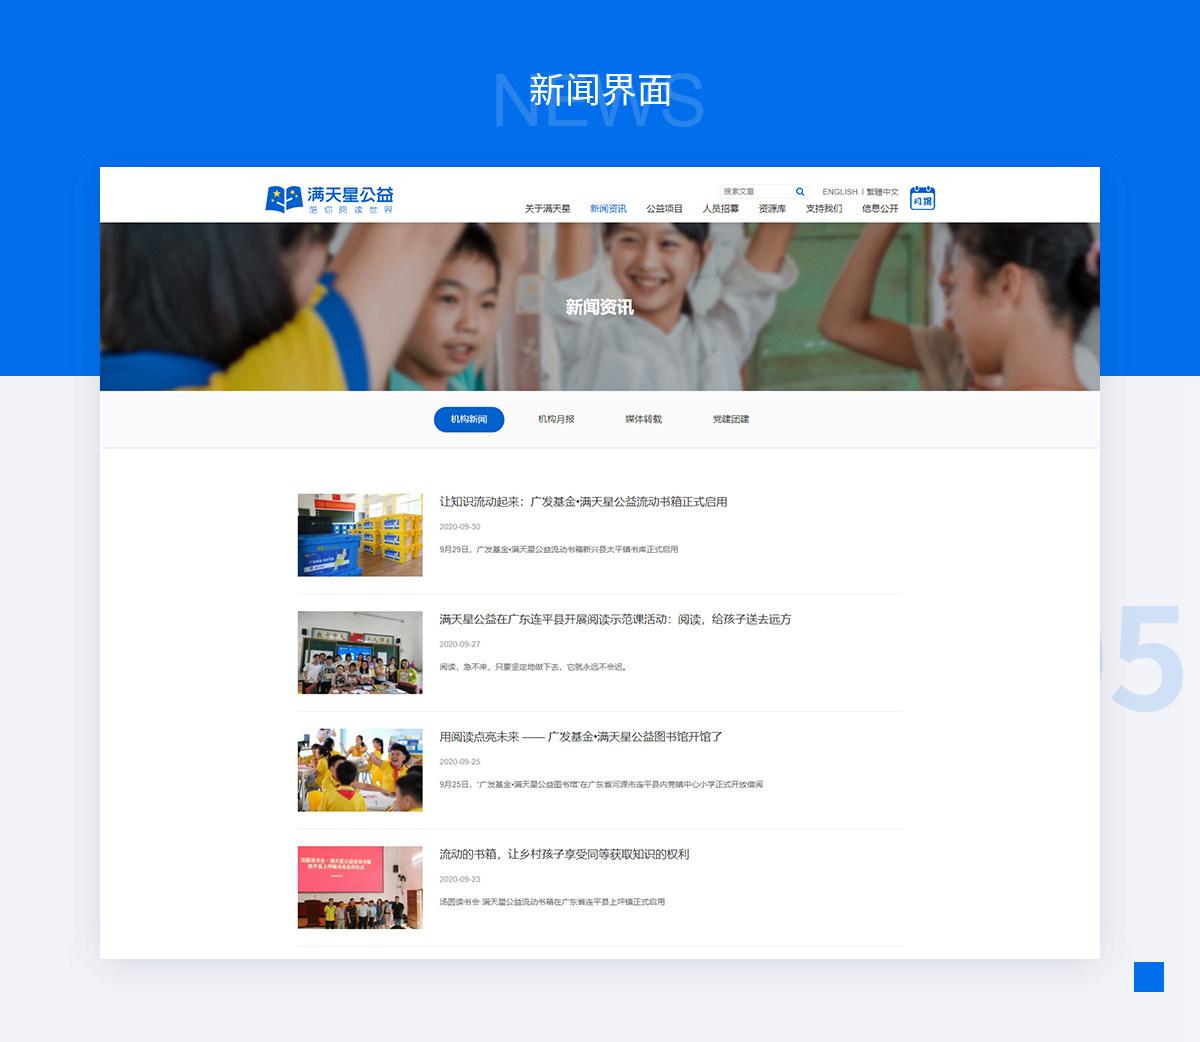 满天星公益官方网站